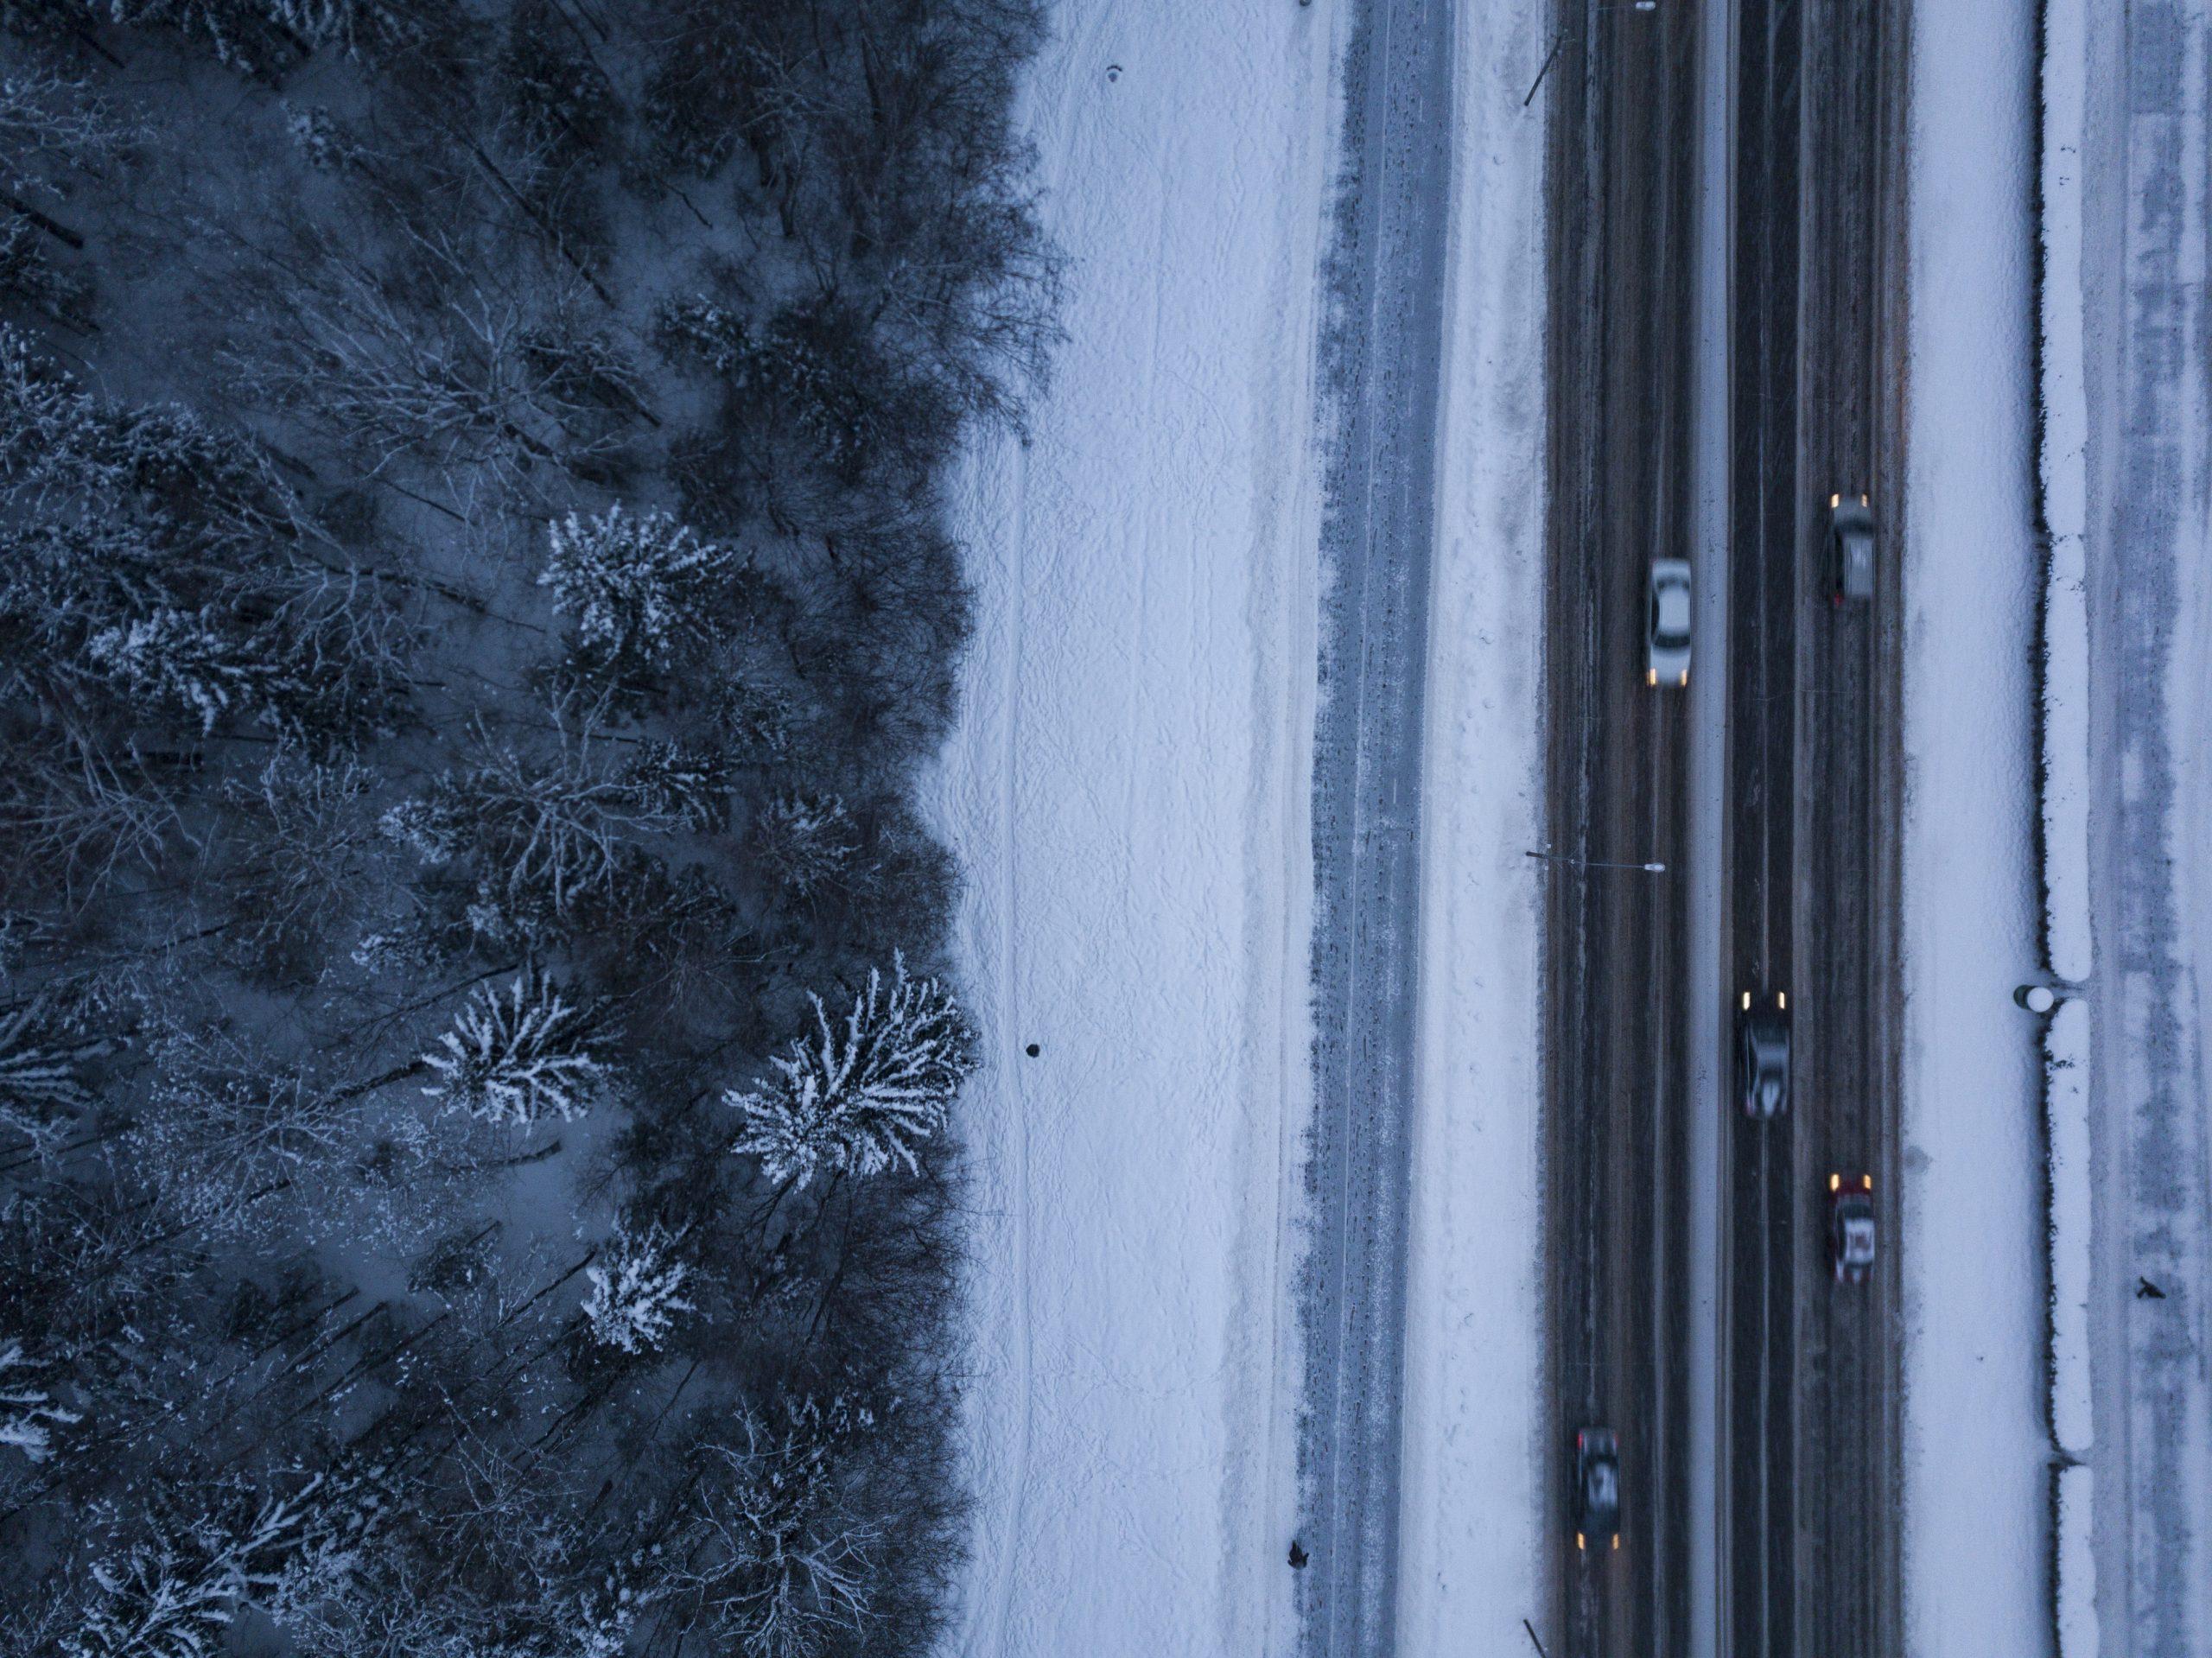 Жителям Новой Москвы предоставят шесть земельных участков под индивидуальное строительство. Фото: Александр Кожохин, «Вечерняя Москва»